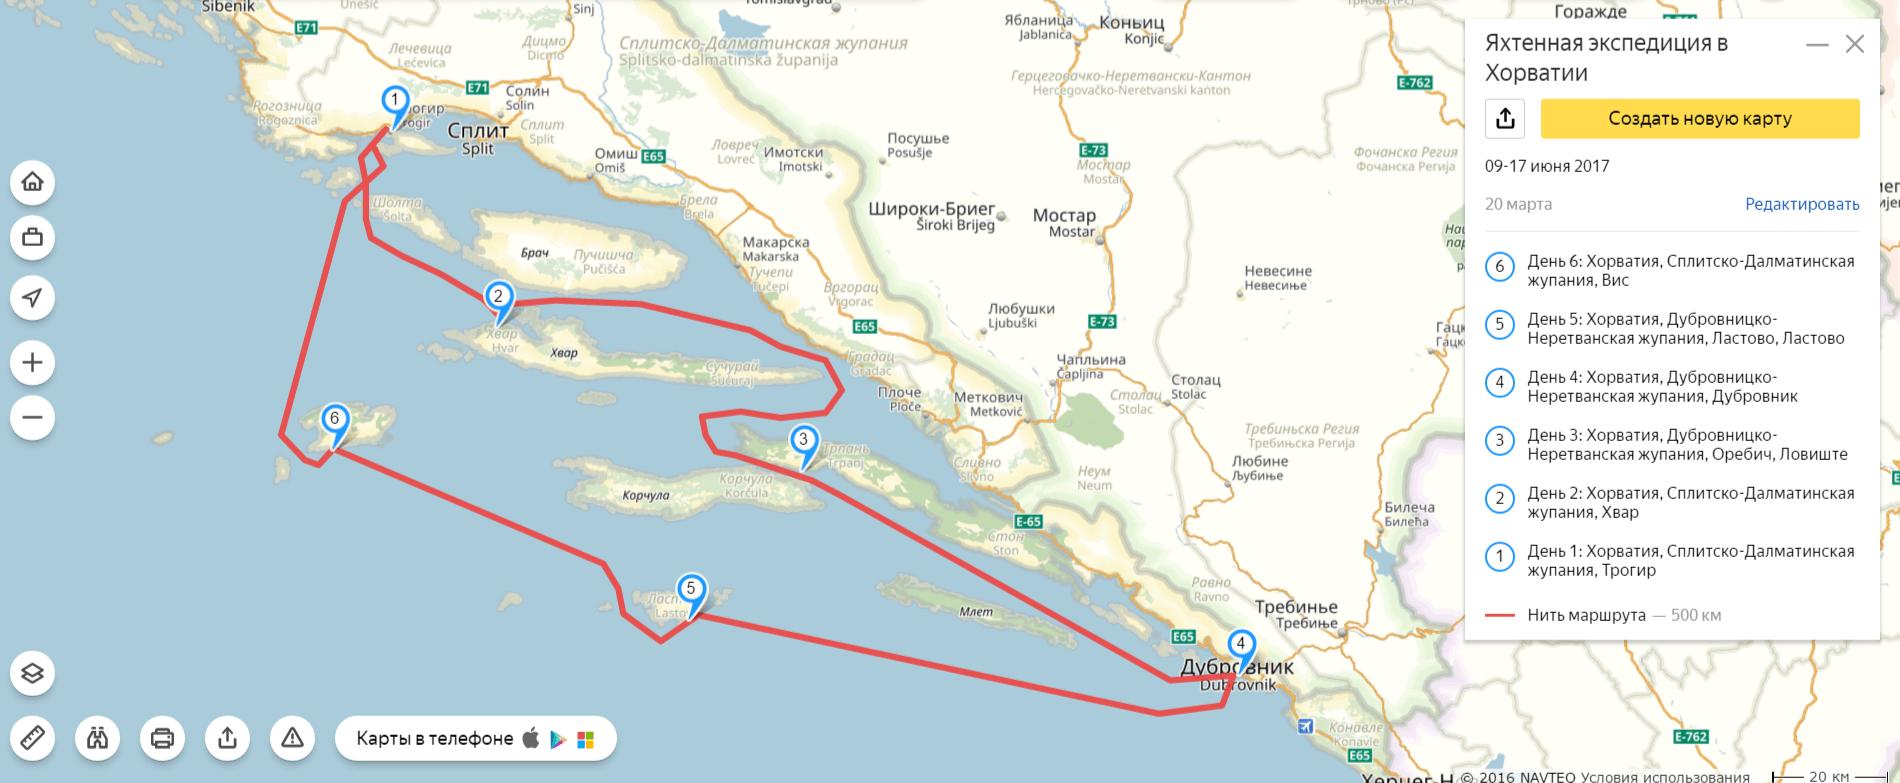 яхтенное путешествие в хорватии карта экспедиции